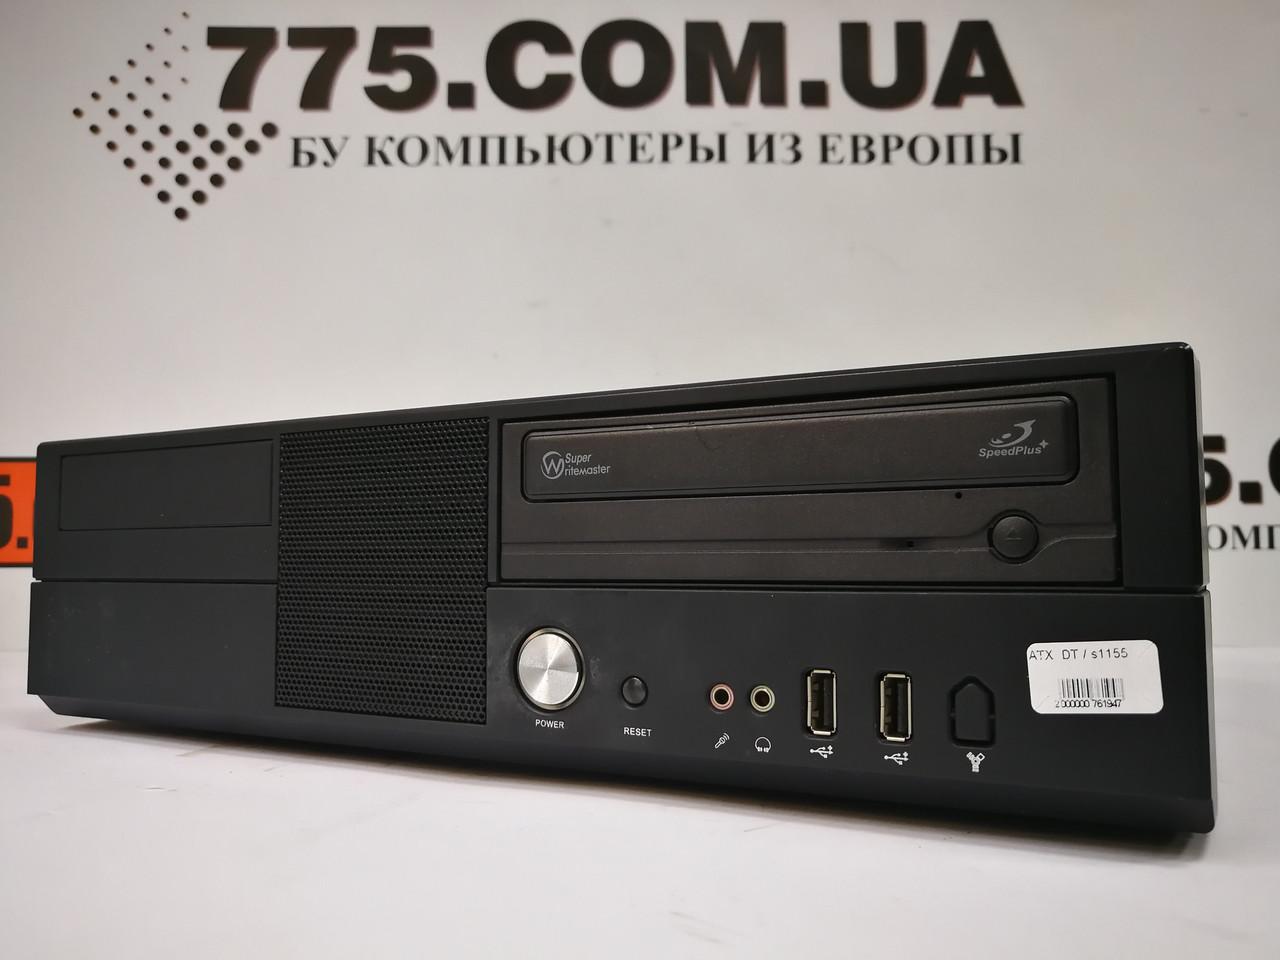 Компьютер SFF, Intel Pentium G860 3.0GHz, RAM 2ГБ, HDD 160ГБ